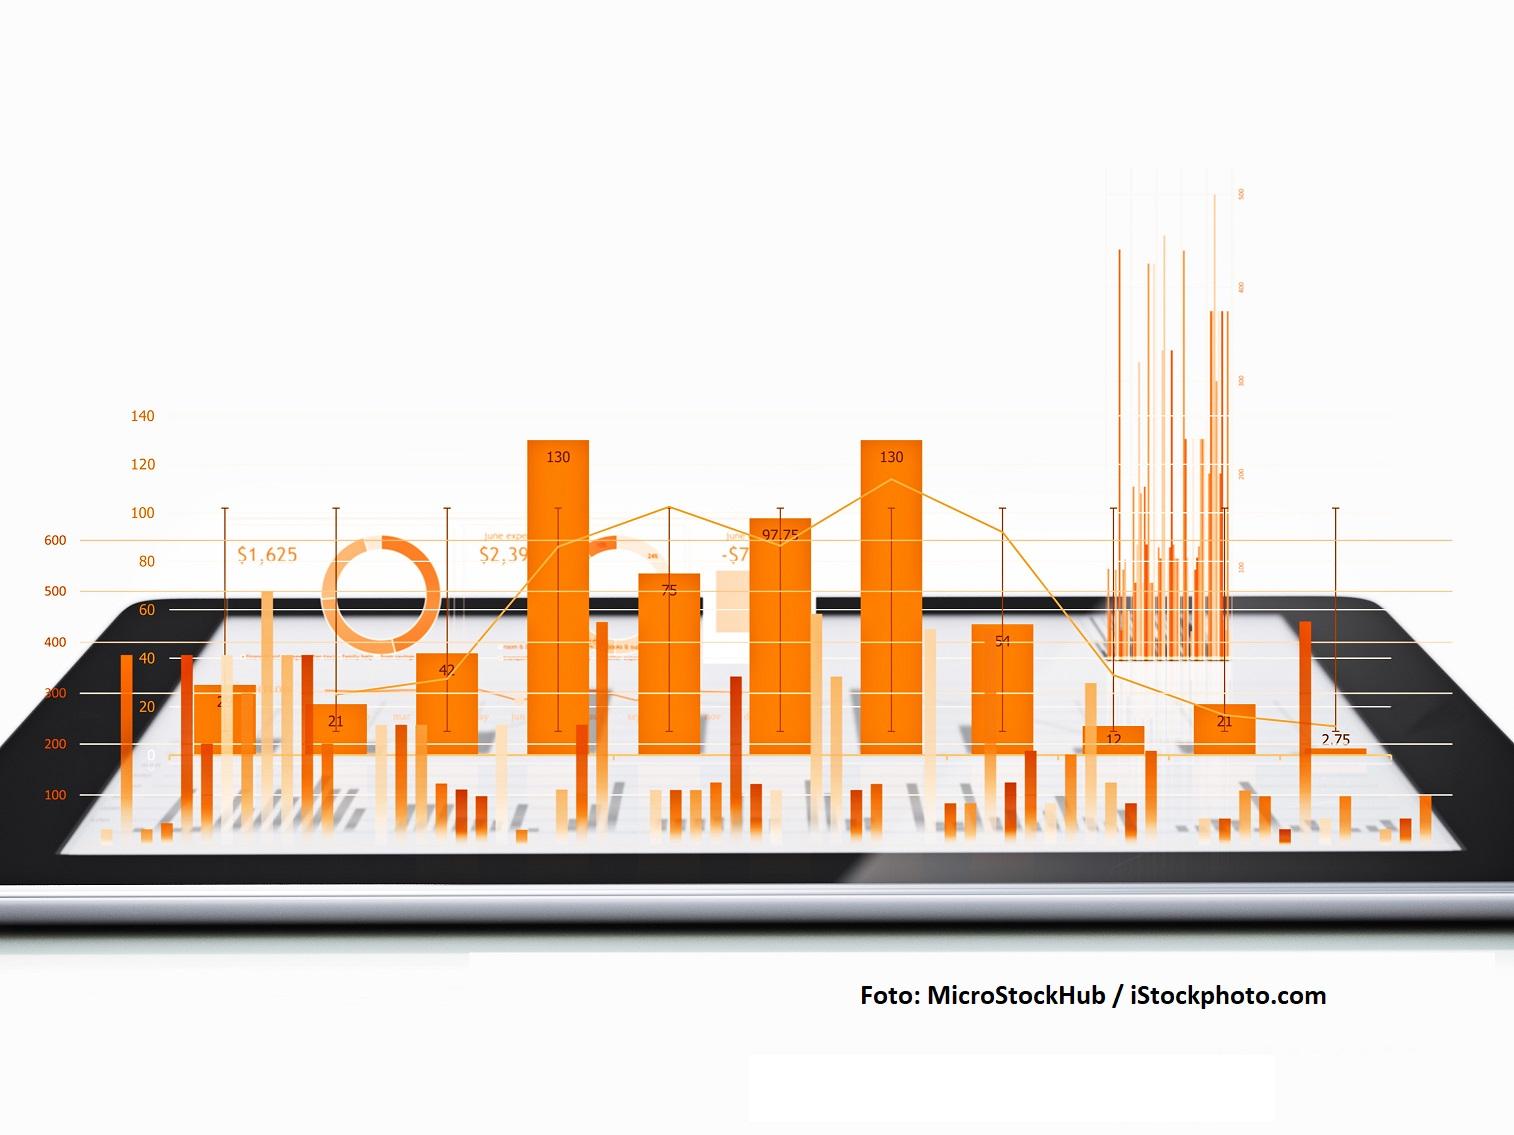 Bibliotheksstatistik: Dateneingabe beendet und Variable Auswertung in vorläufiger Form veröffentlicht